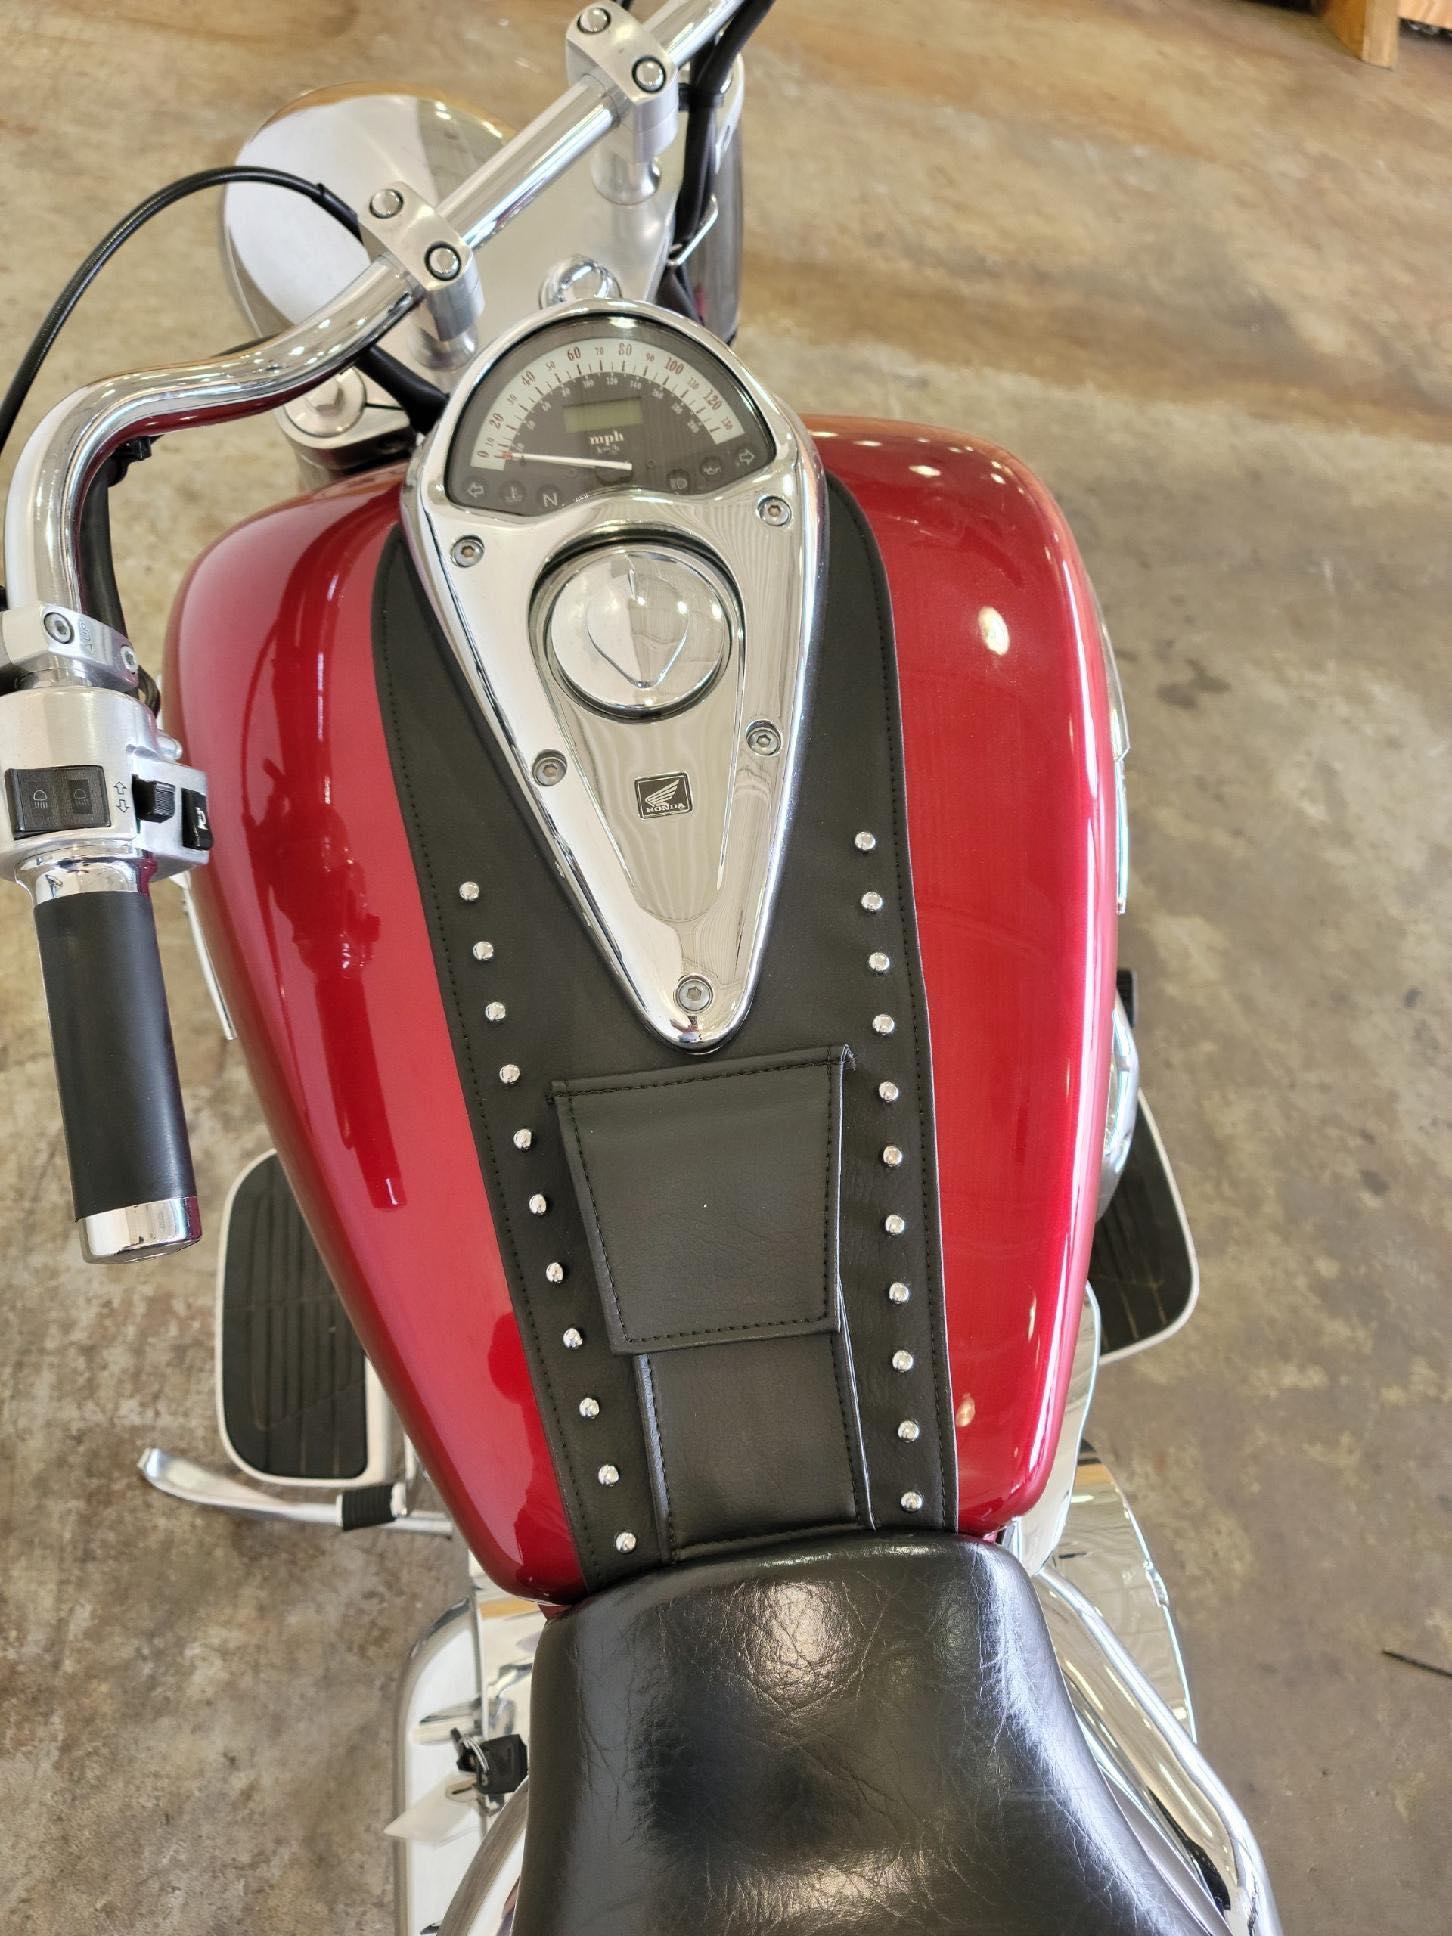 2004 Honda VTX 1300 Retro at Twisted Cycles